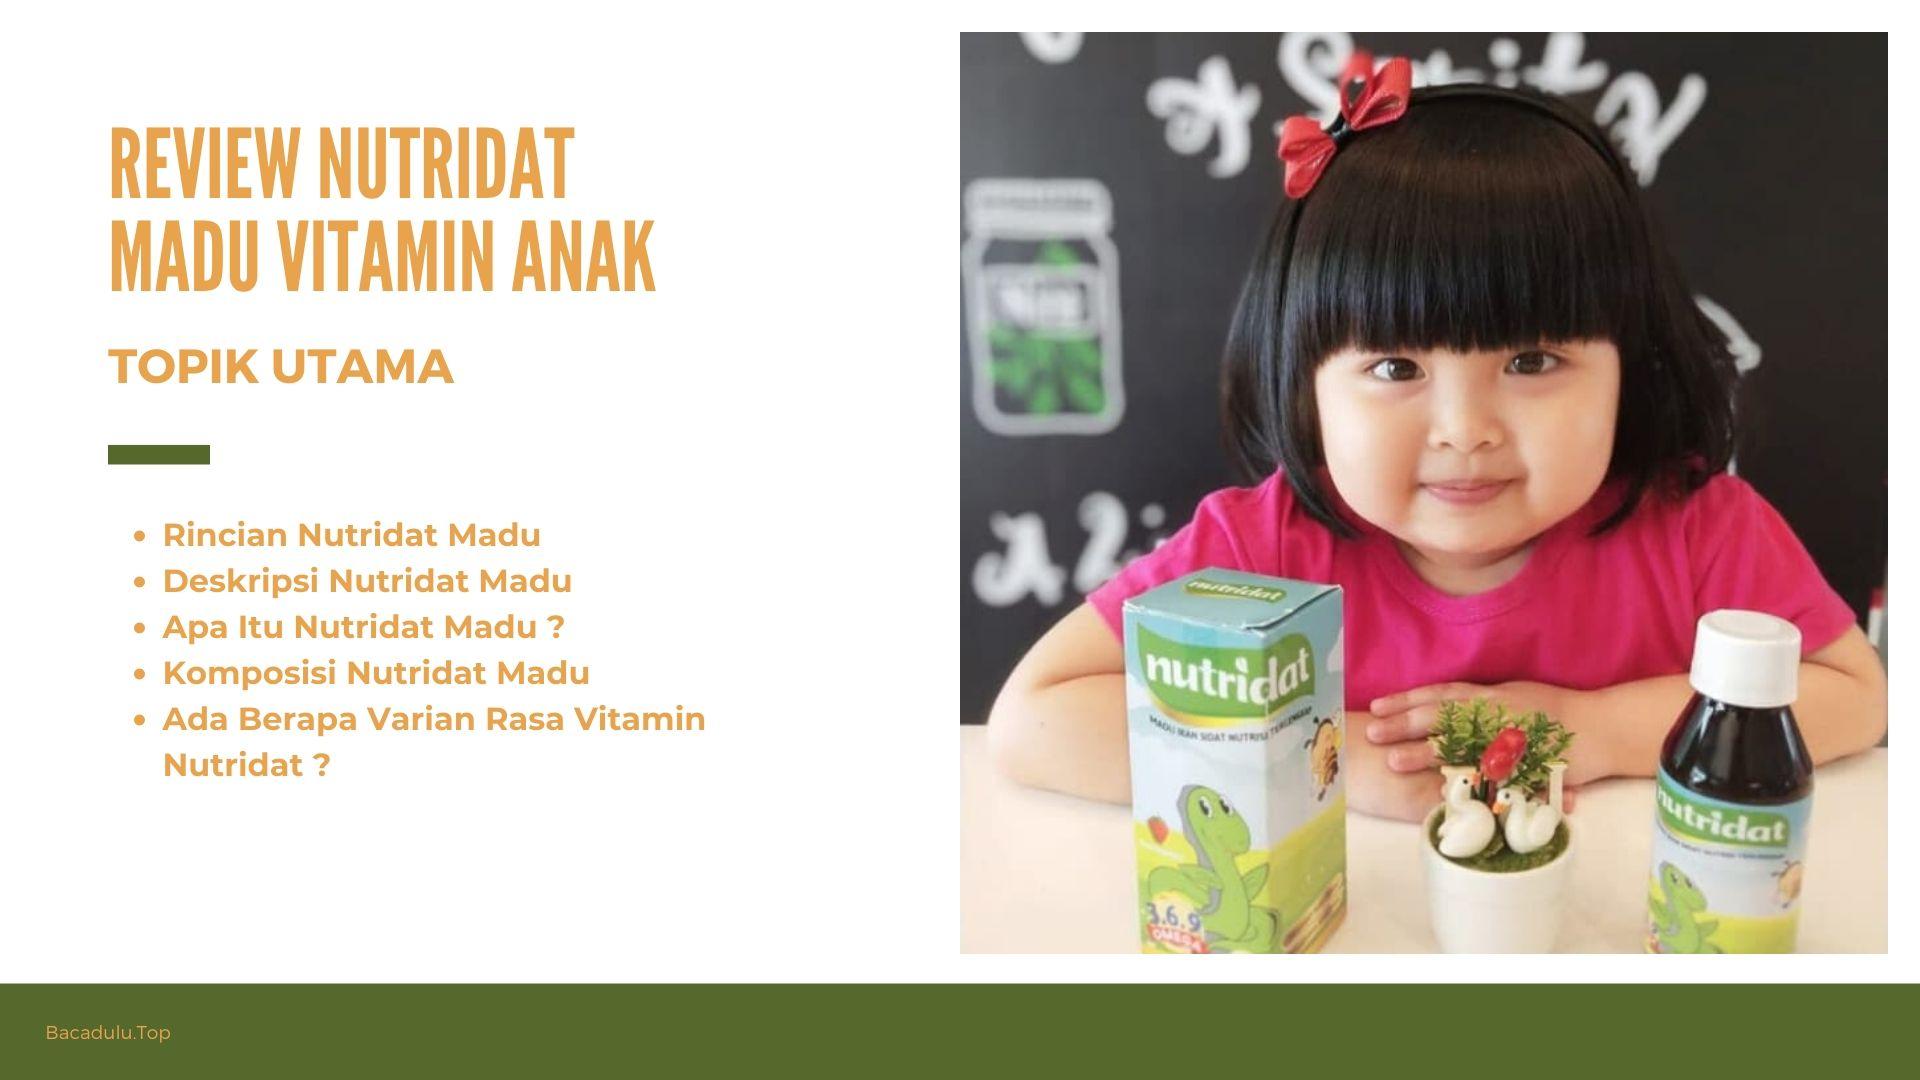 Review Nutridat Madu, Vitamin Anak Terbaik Pilihan Bunda Pintar